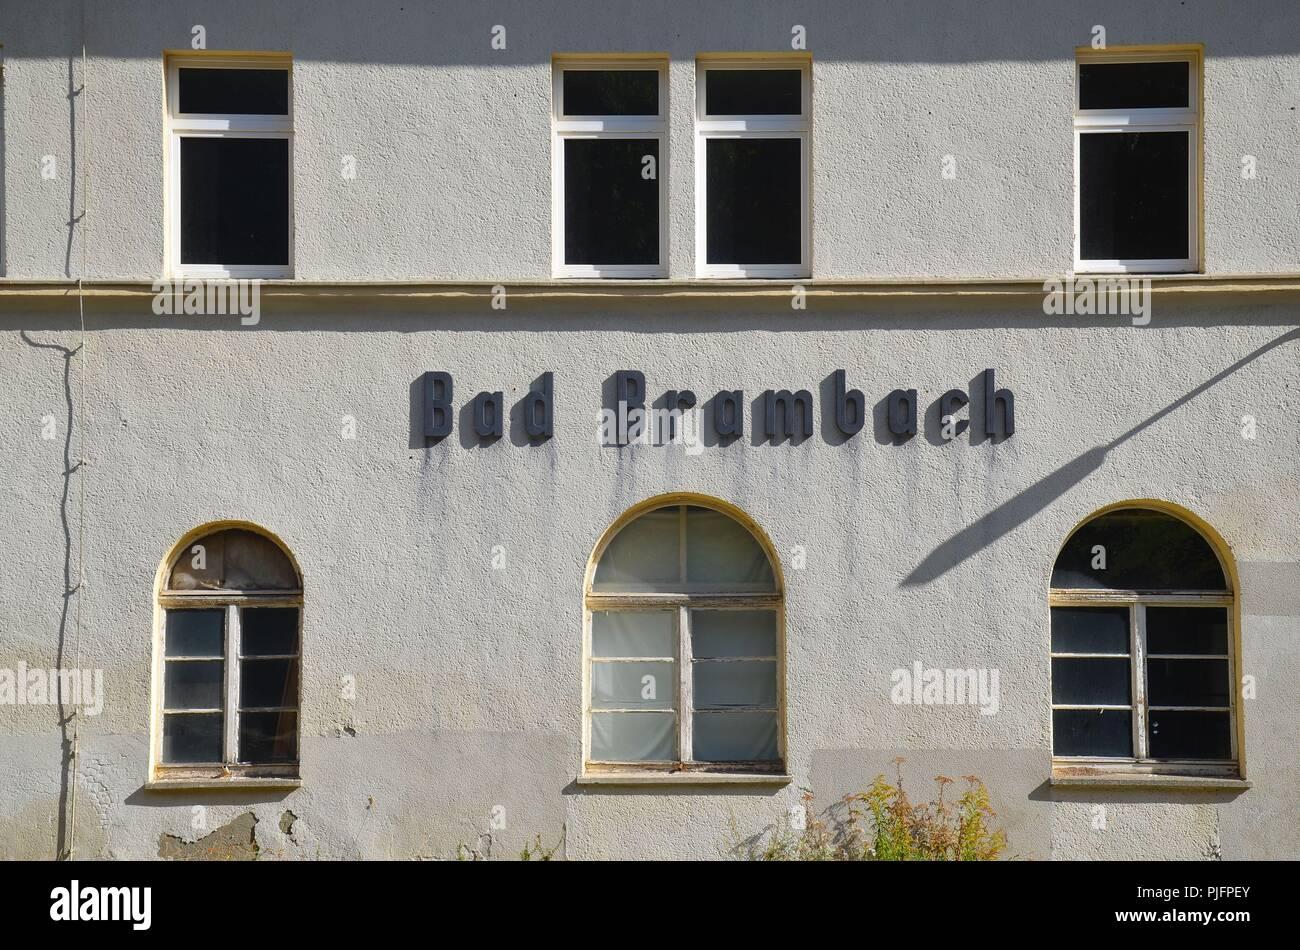 Bad Brambach (Deutschland) an der tschechischen Grenze: der Bahnhof - Stock Image